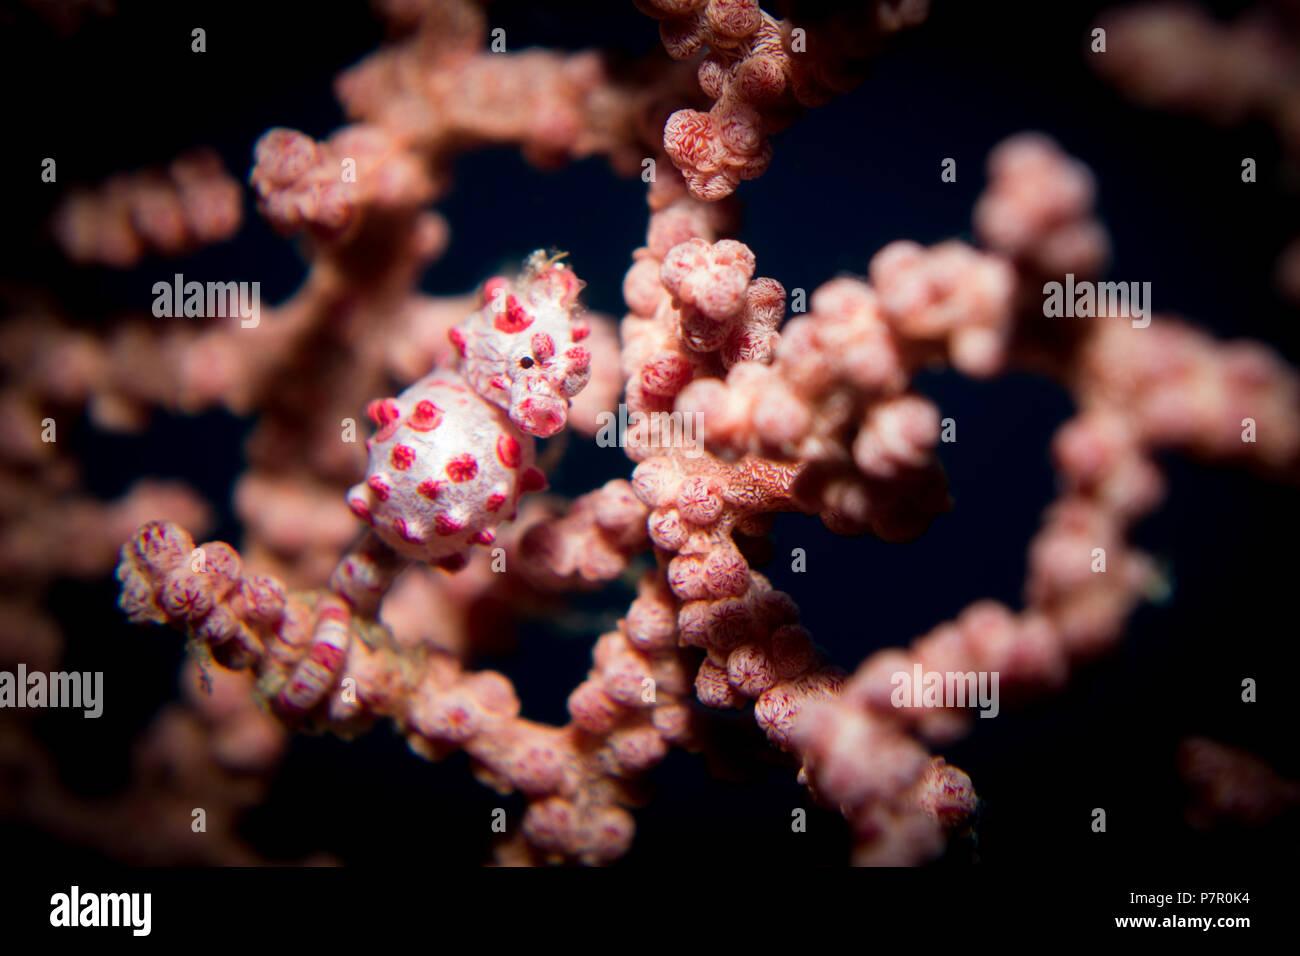 Un Hippocampe pygmée Hippocampus bargibanti - - dans son hôte gorgonion coral sea fan. Prises dans le Parc National de Komodo, en Indonésie. Photo Stock